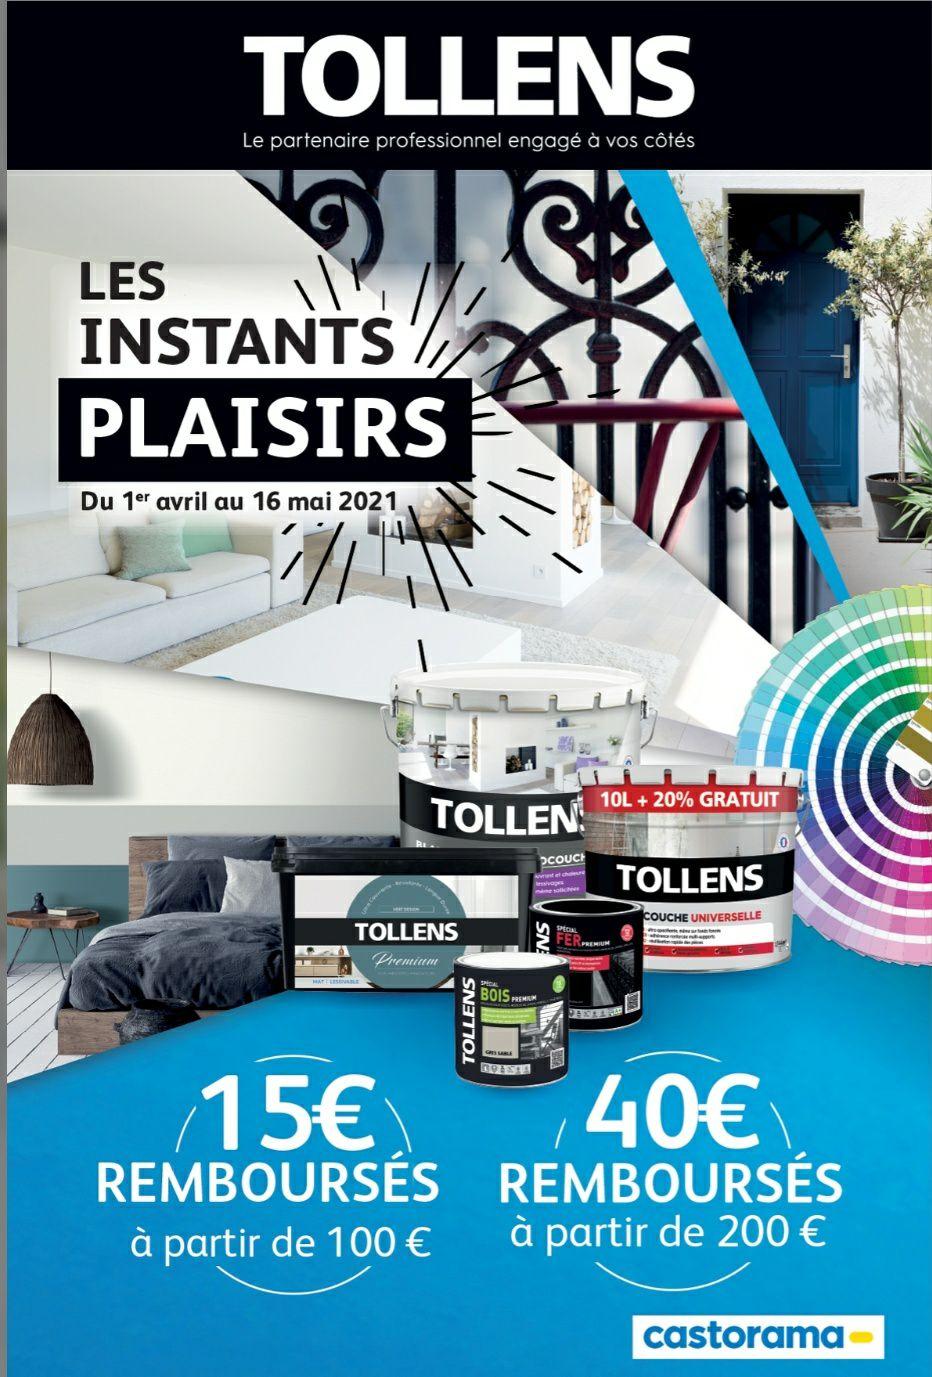 15€ remboursés à partir de 100€ d'achat de Peintures Tollens et 40€ a partir de 200€ (via ODR)